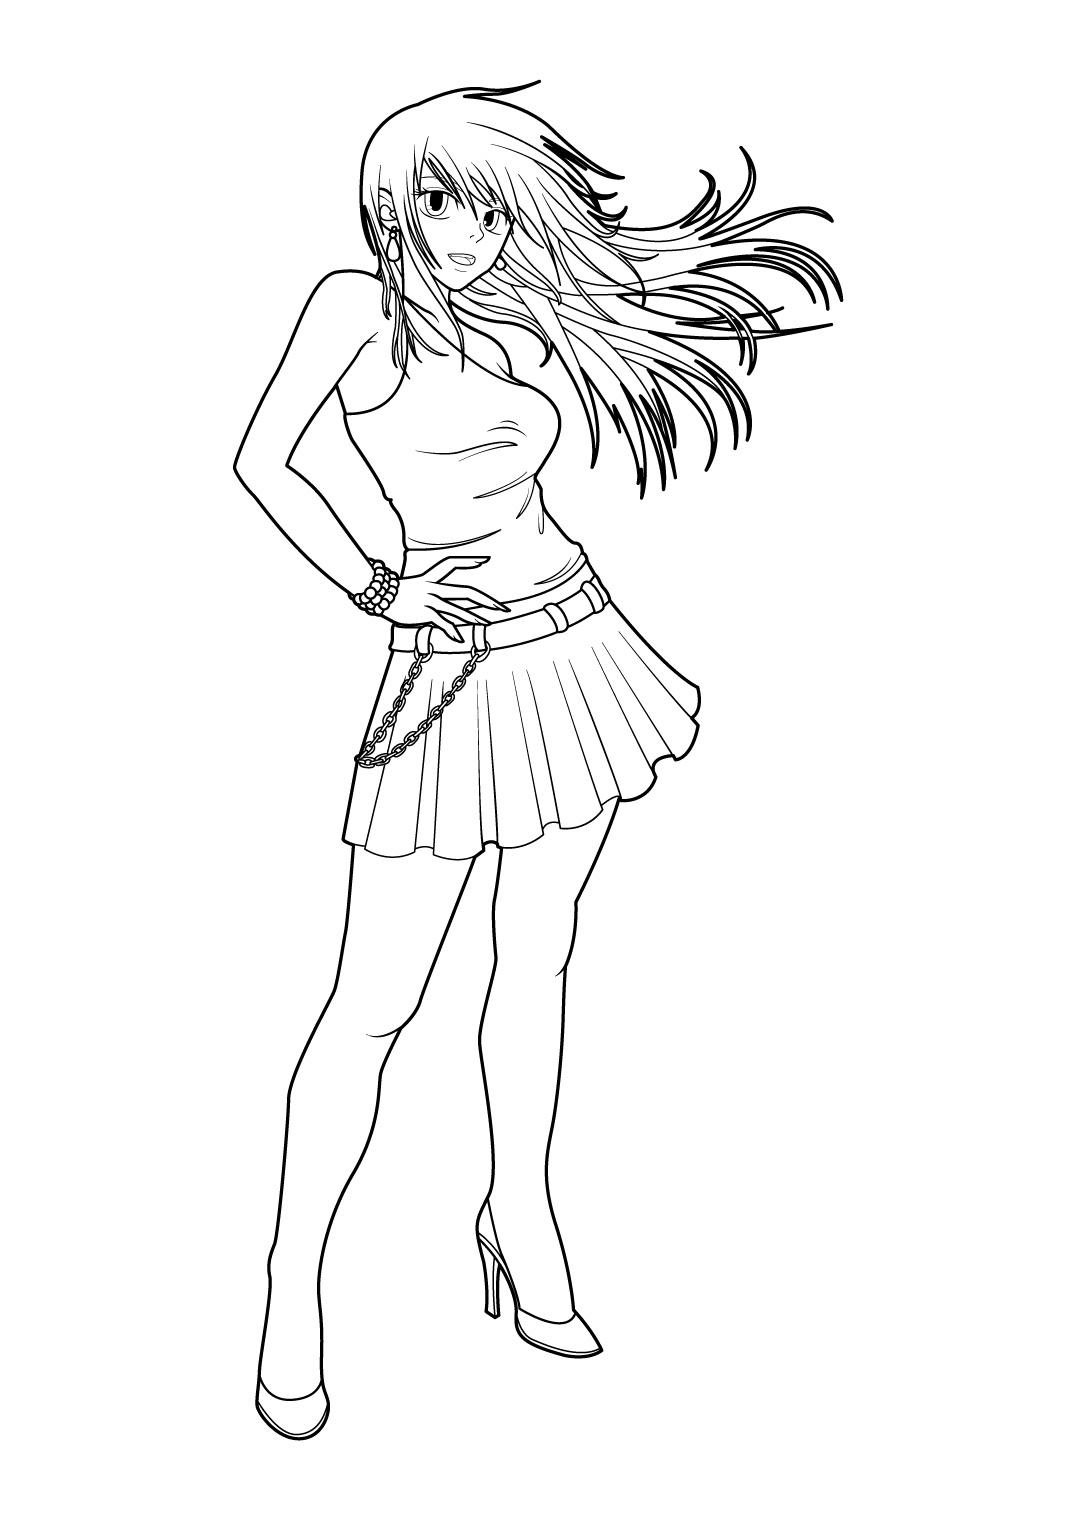 Comment dessiner des personnages de manga